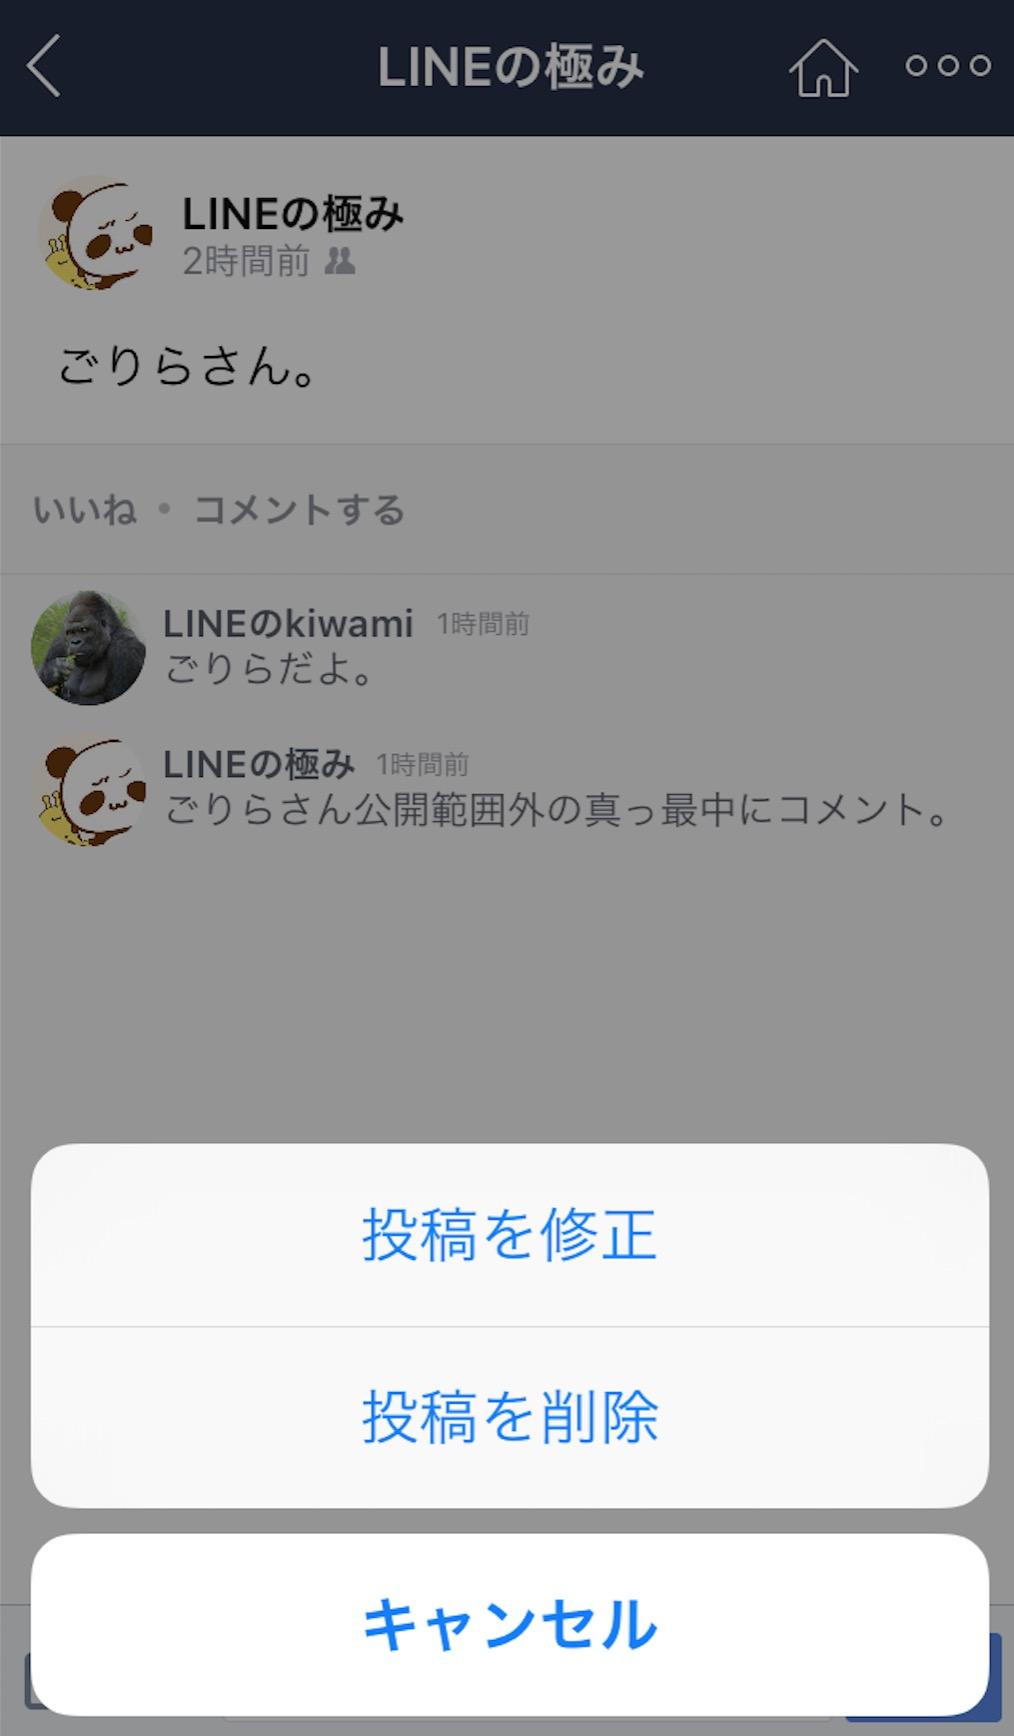 スクリーンショット 2016-03-14 18.26.33